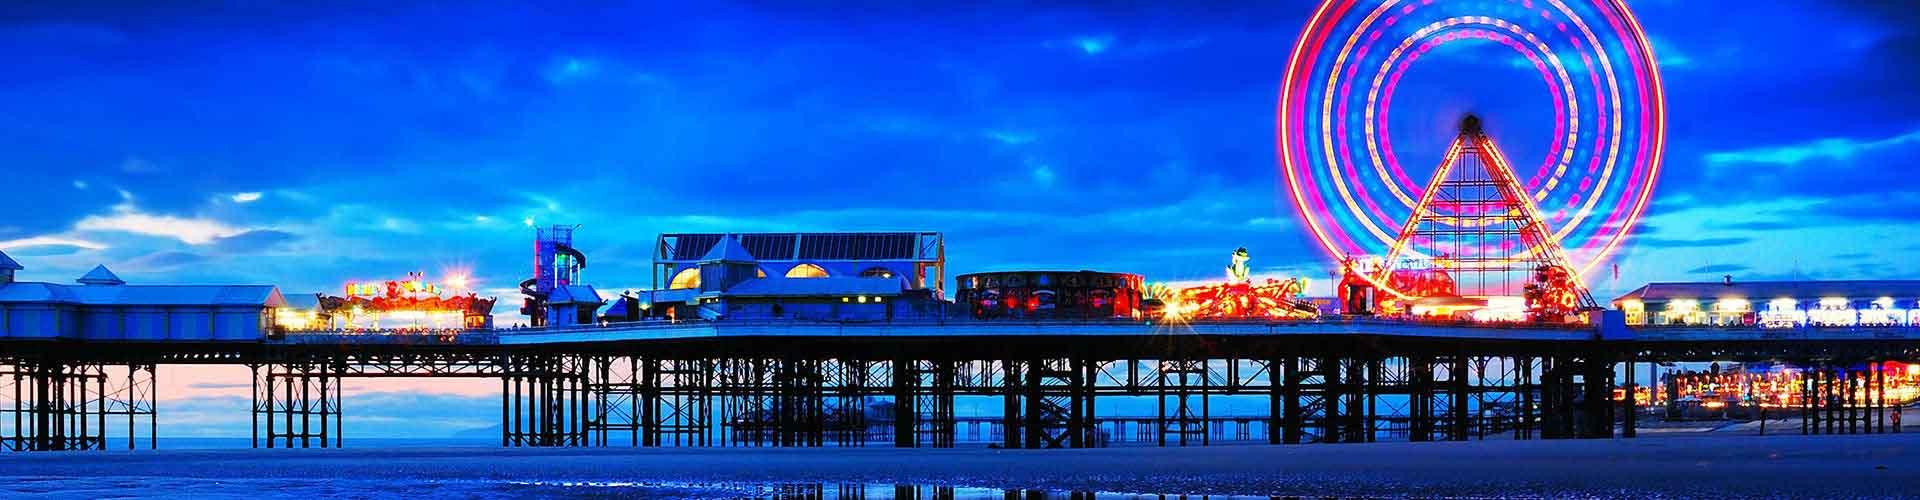 Blackpool - kempování v Blackpool. Mapy pro Blackpool, fotky a recenze pro všechno kempování - Blackpool.